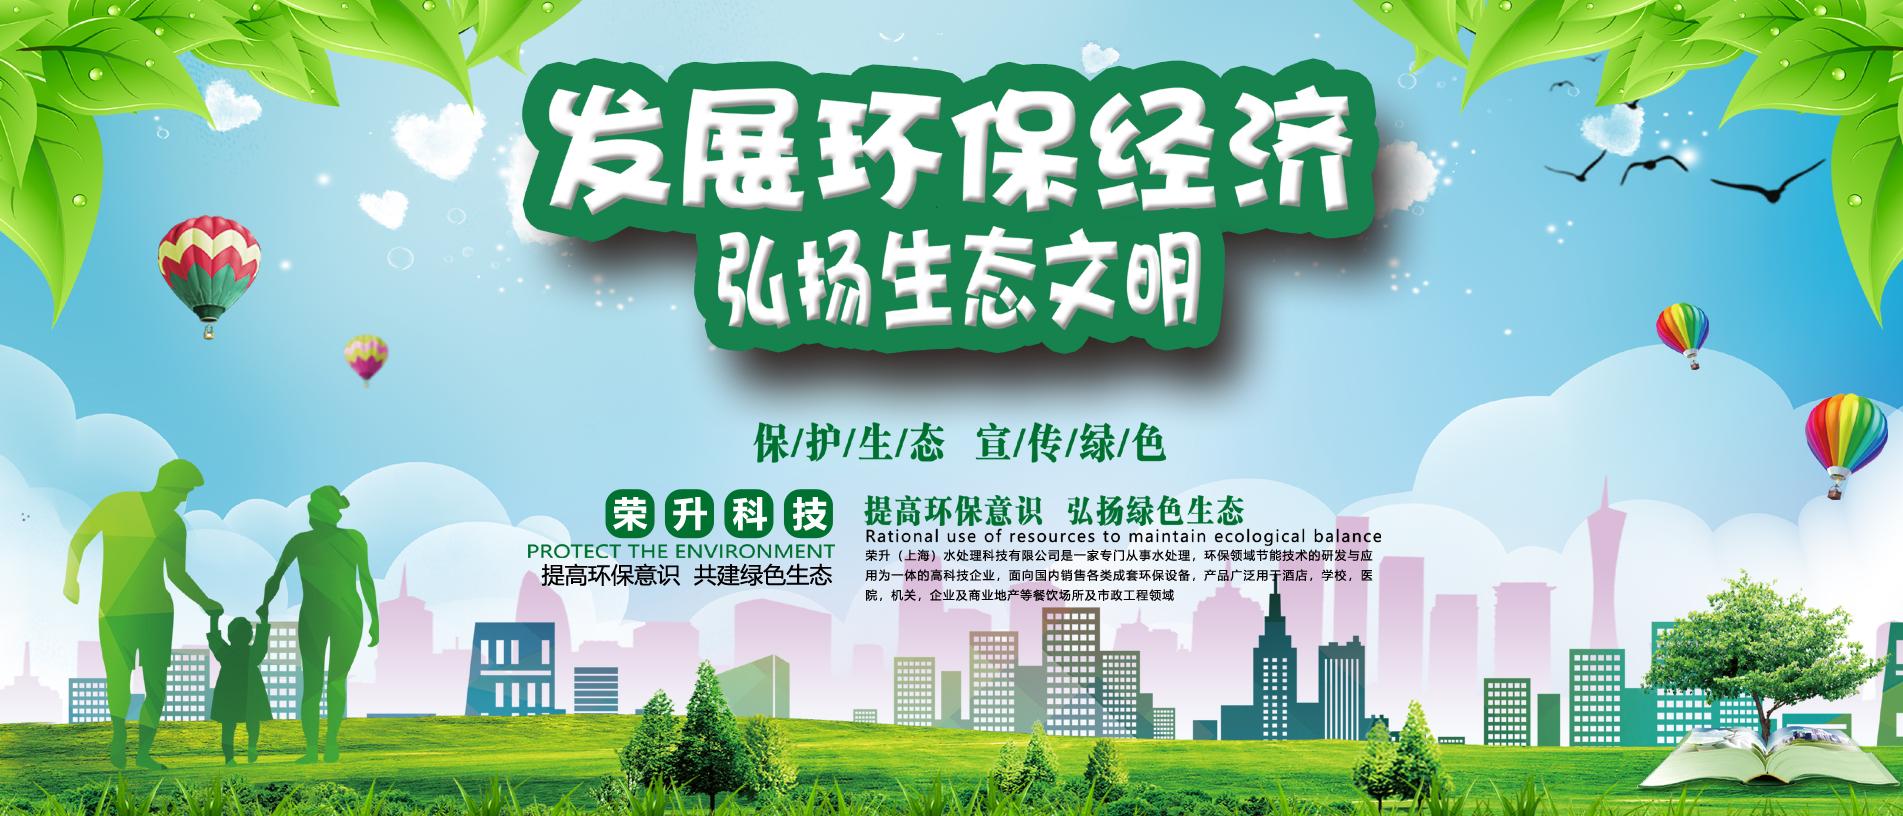 发展环保经济 海报